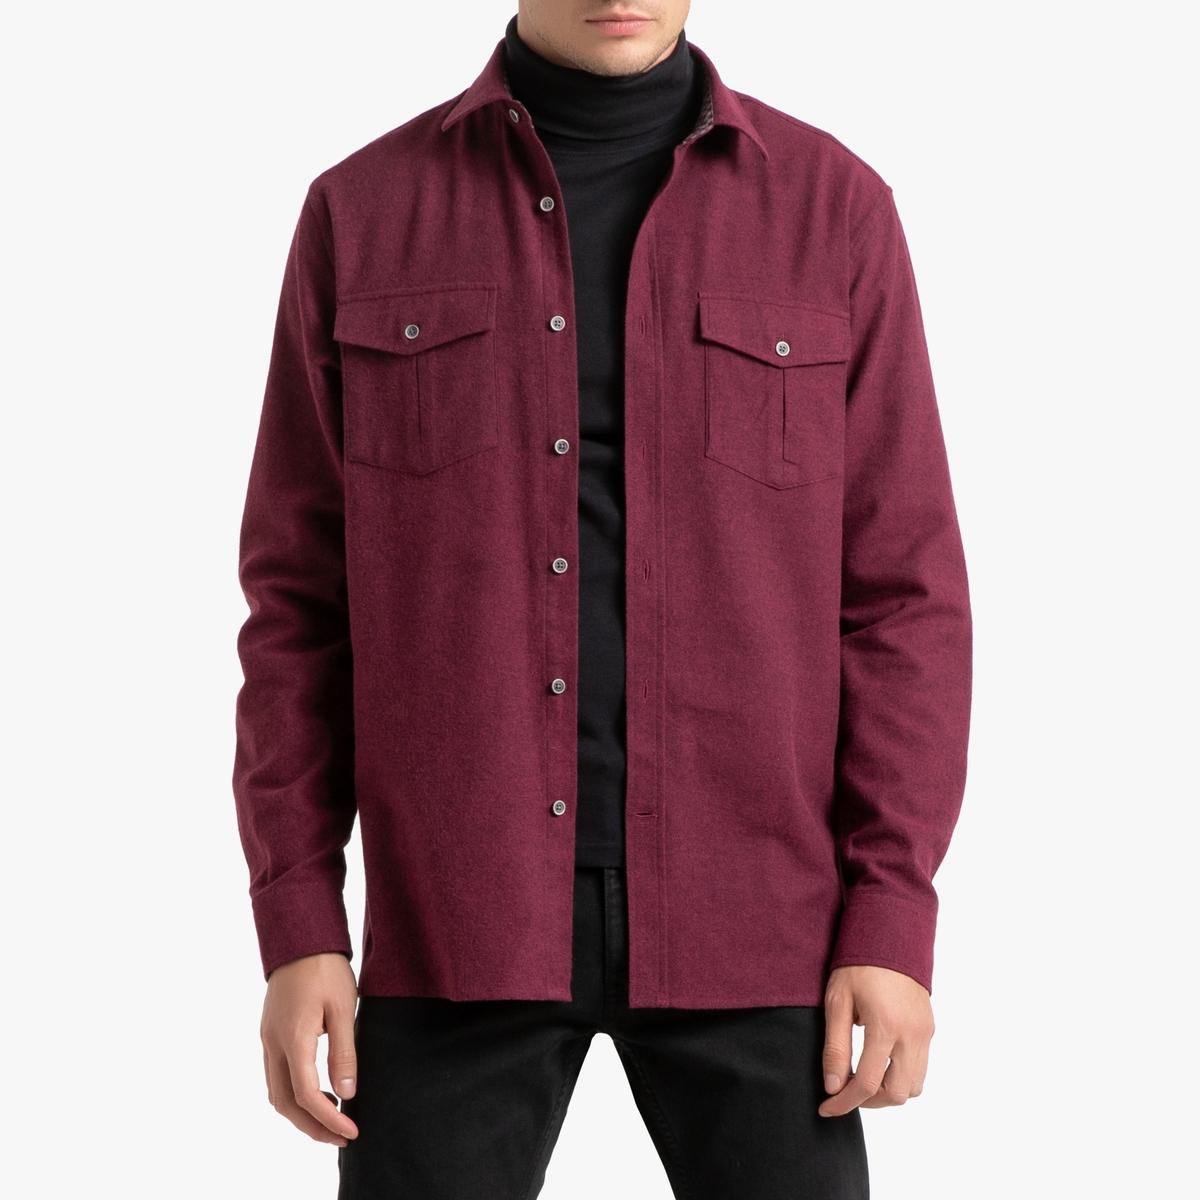 Прямая La Redoute Фланелевая рубашка 45/46 красный